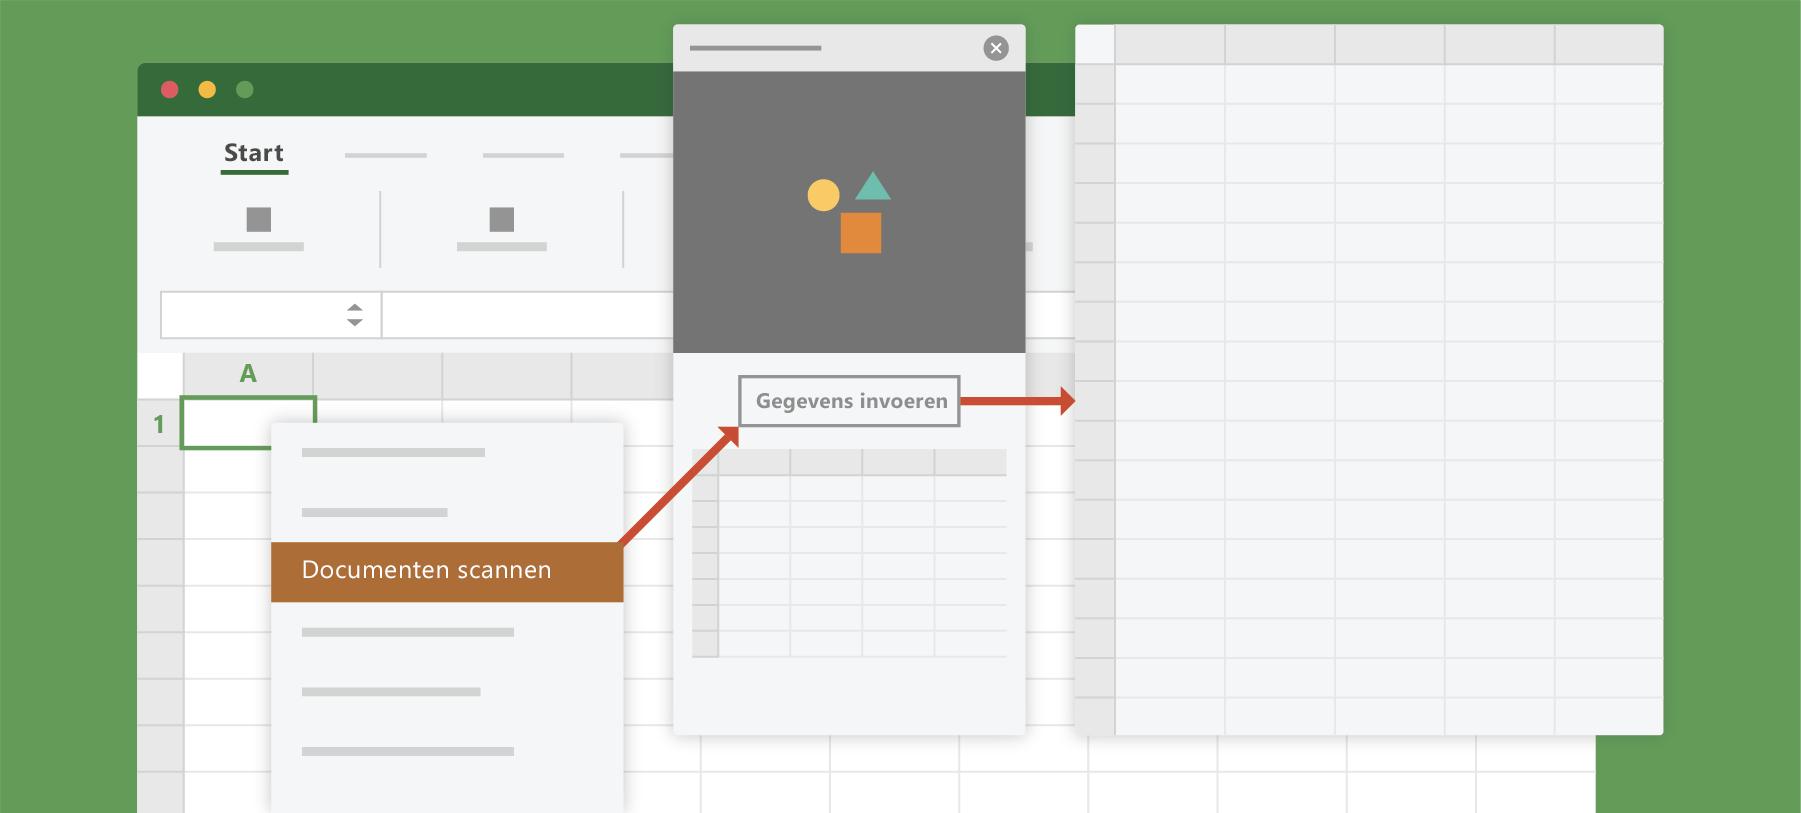 Hiermee wordt de optie Document scannen weergegeven in Excel